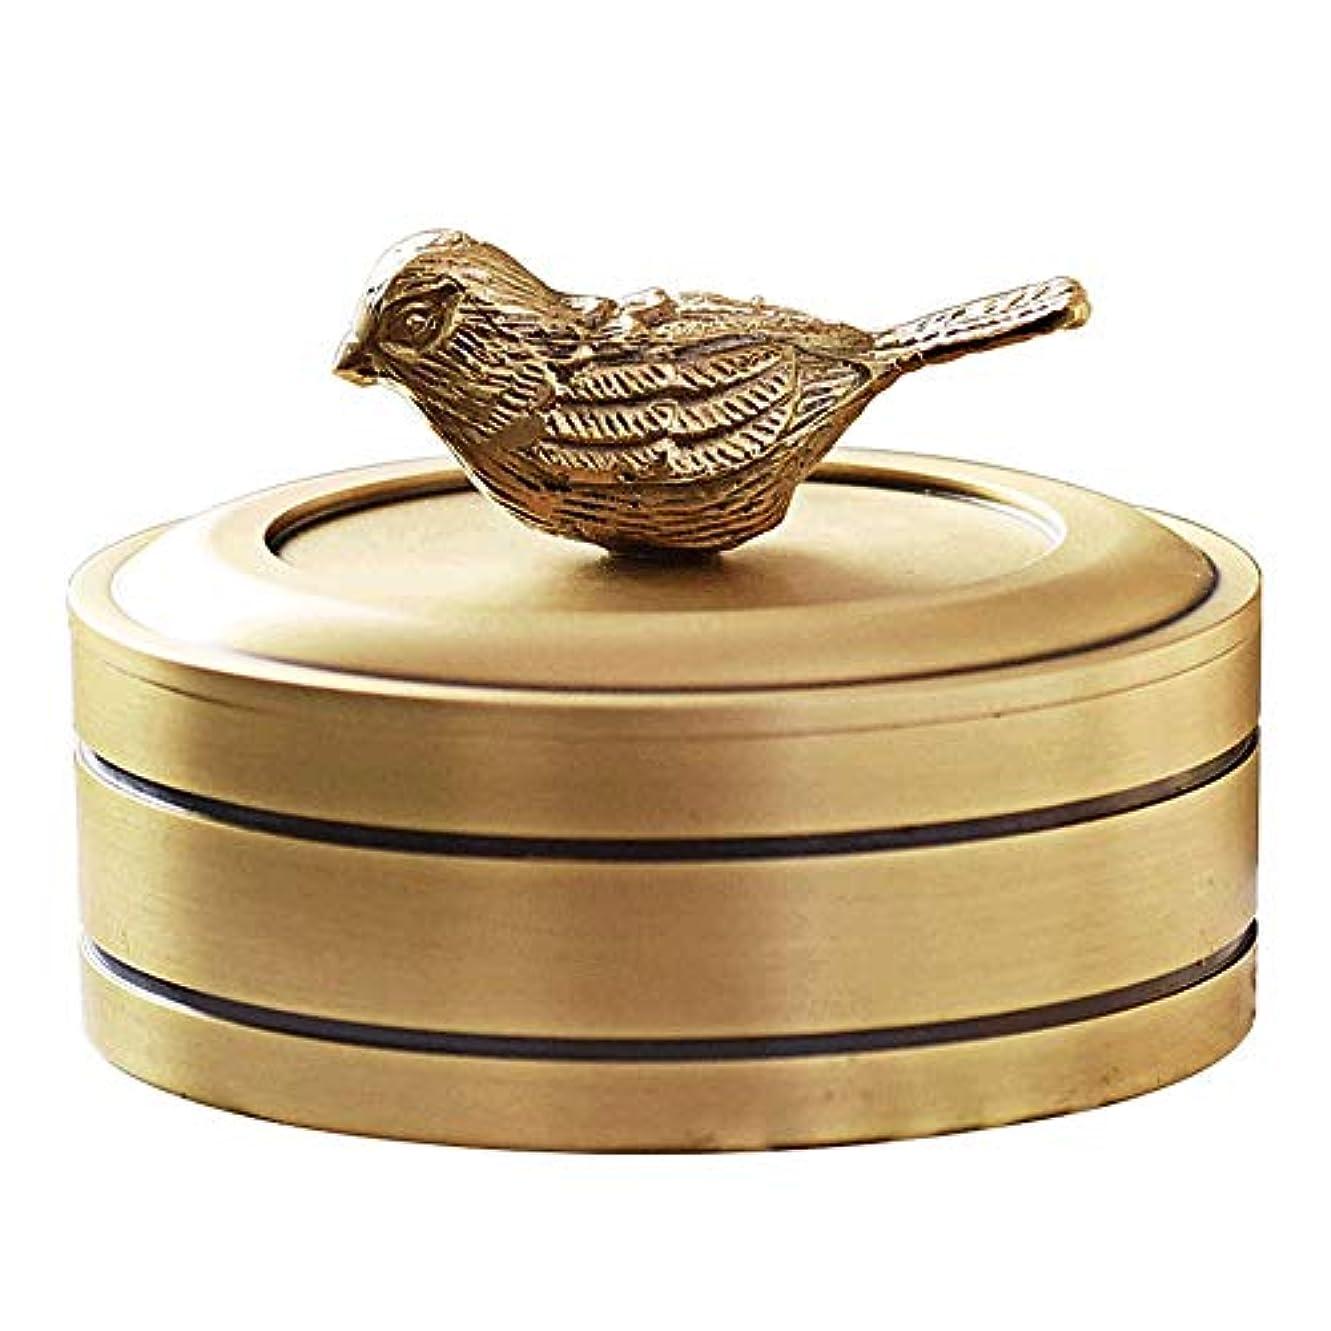 ブレンド効果的に圧縮された銅の宝石箱ファッションギフトリビングルームホームデコレーション装飾品でカバー純粋な銅灰皿